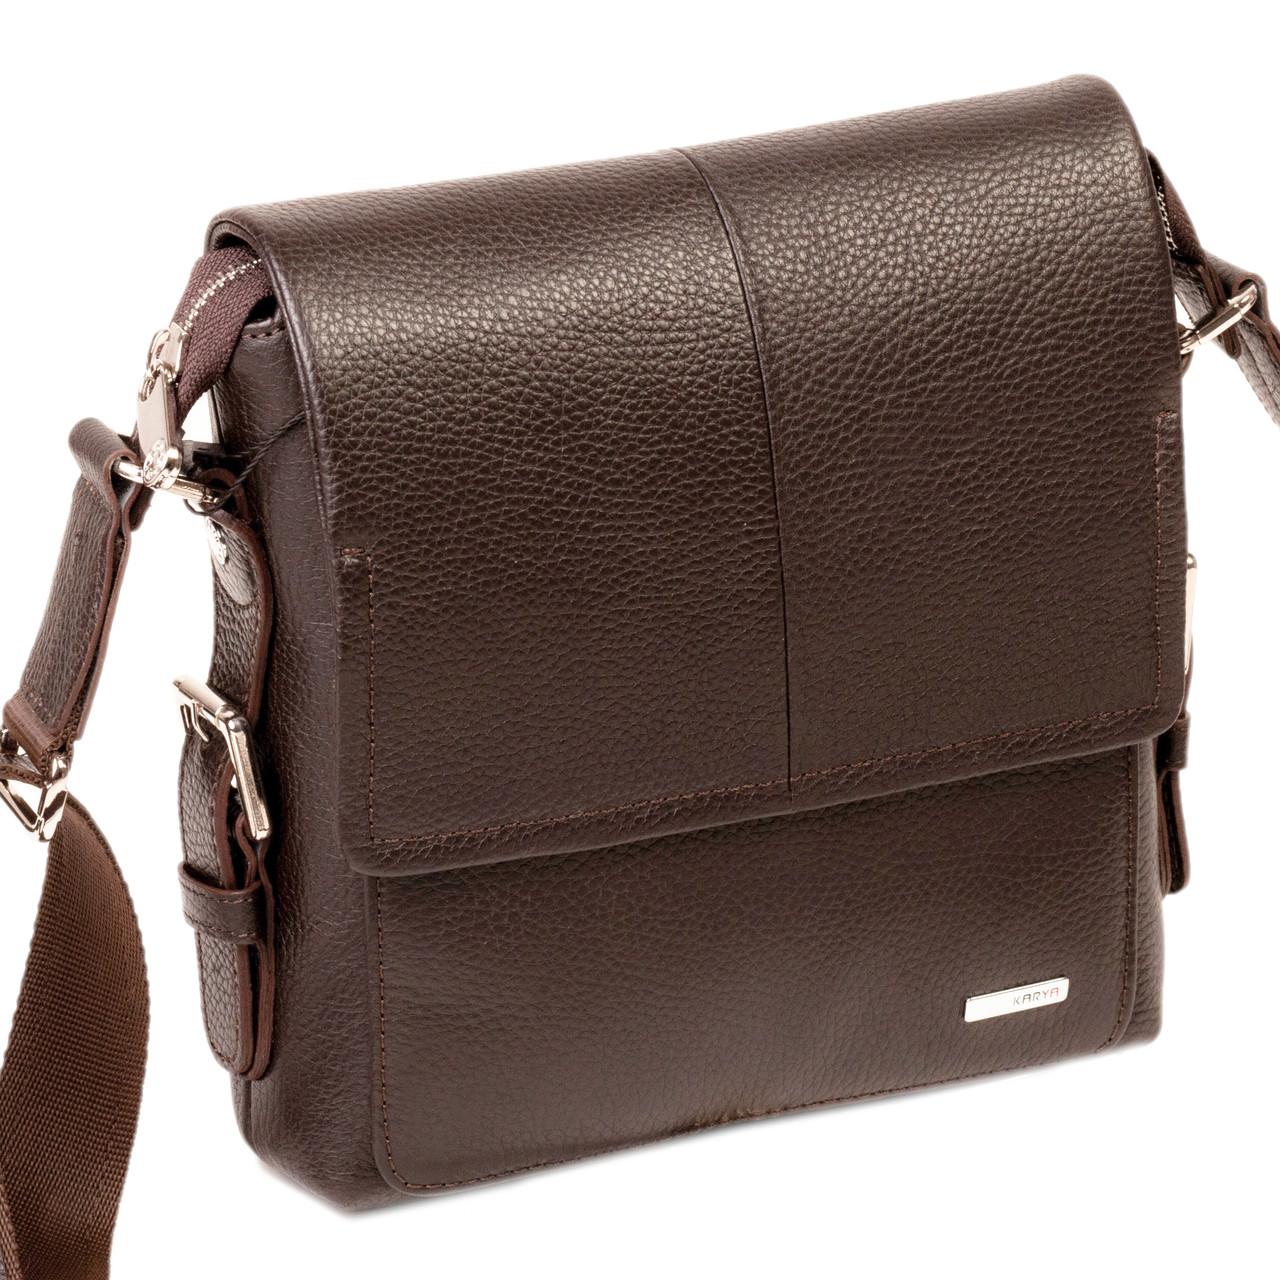 Мужская сумка Karya 0520-39 кожаная c плечевым ремнем